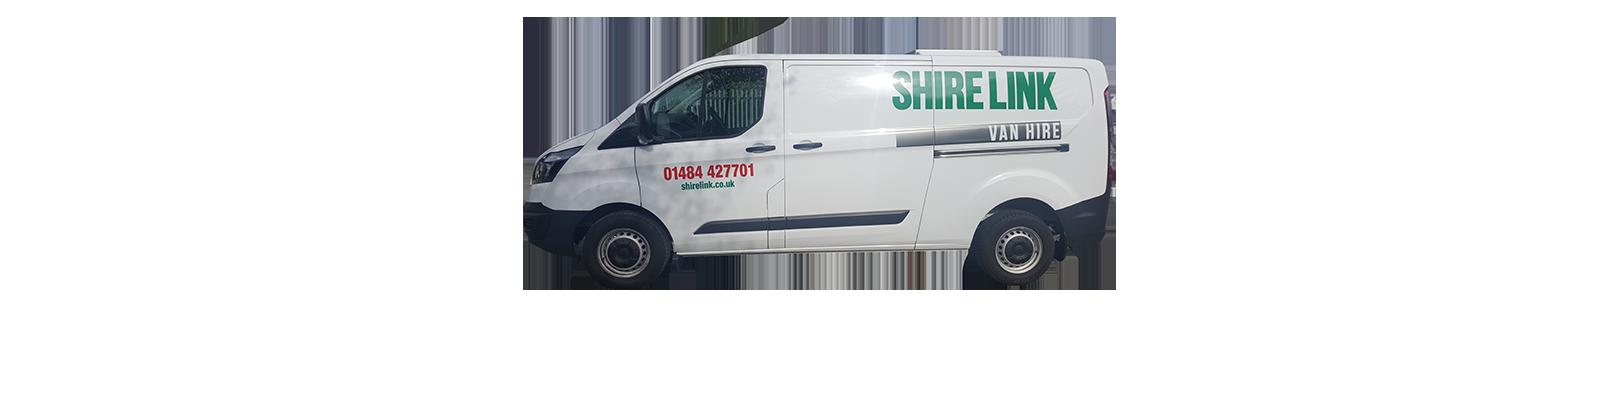 van-hire-medium